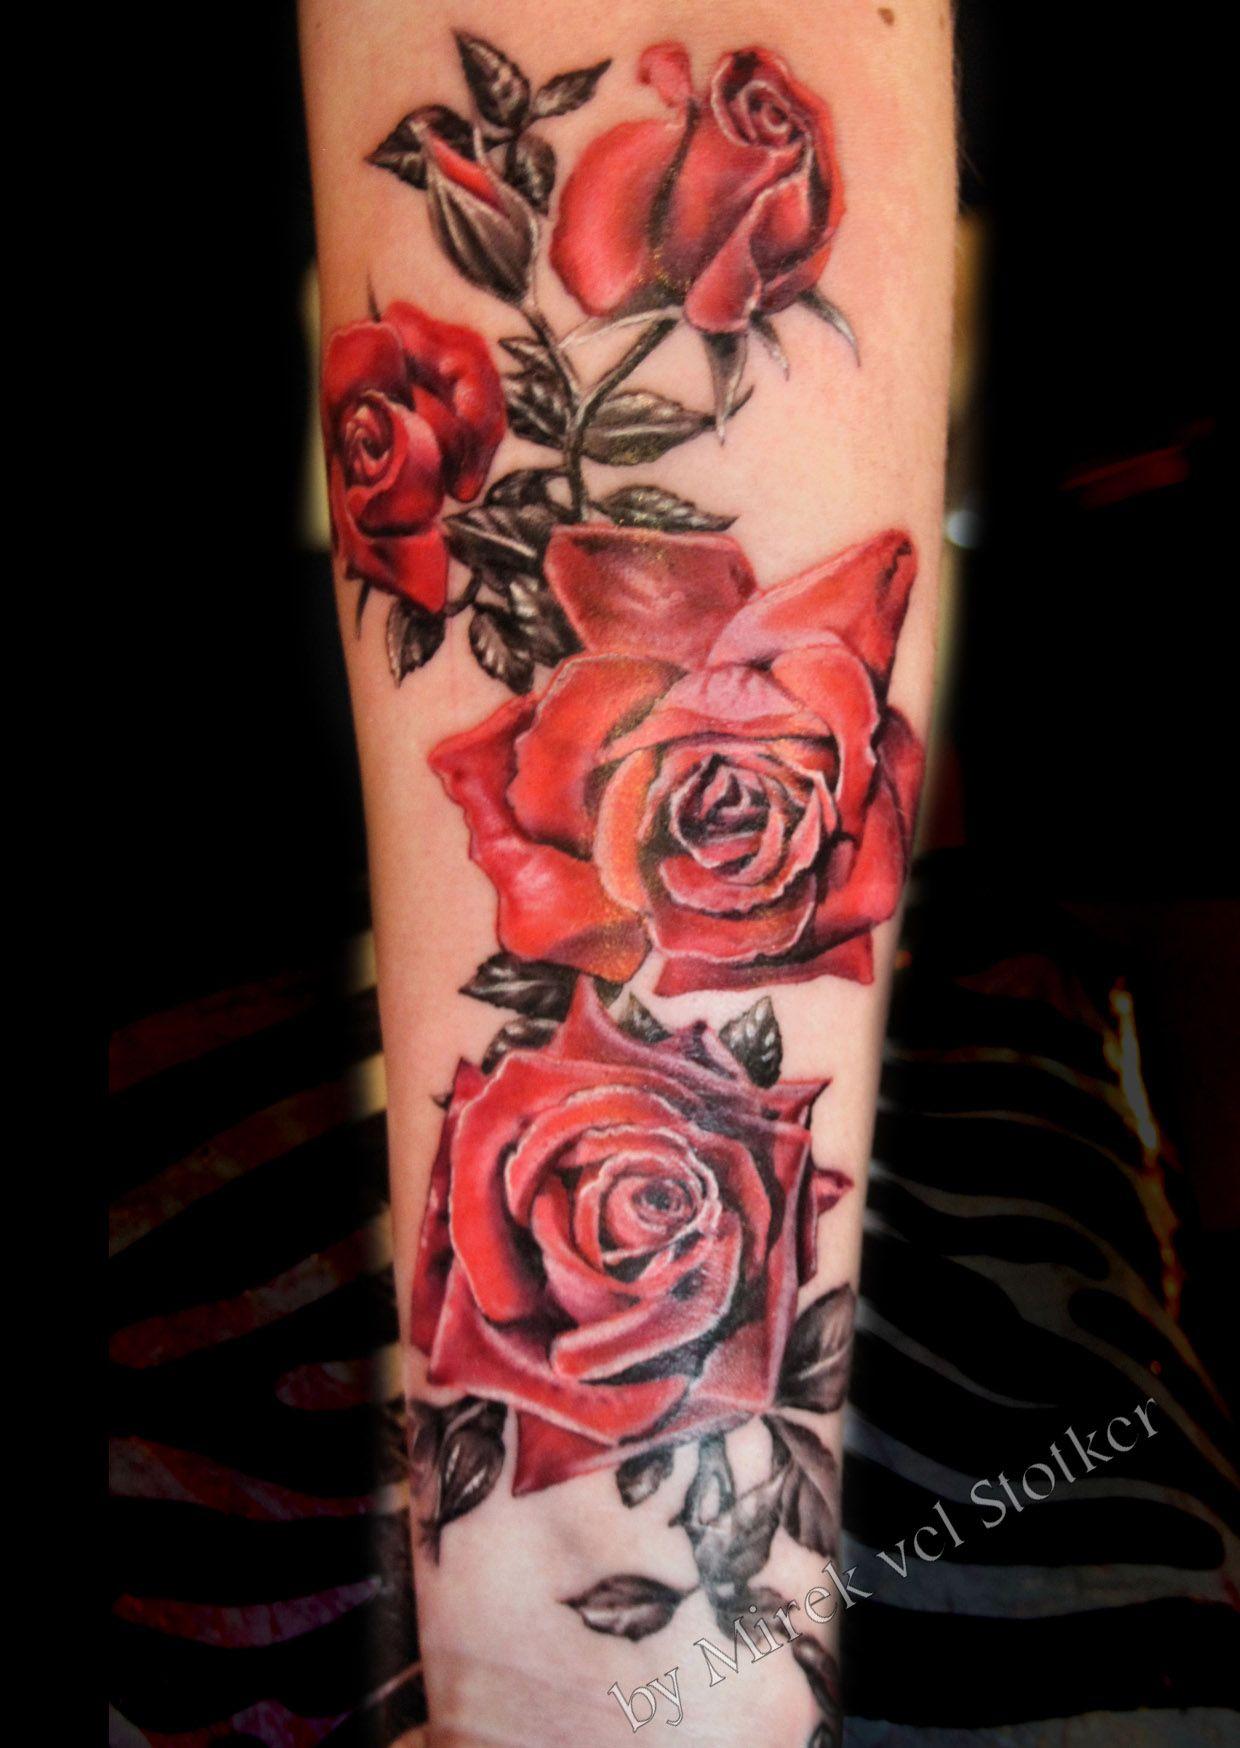 Red Roses With Black And Grey Leaves Tattoo By Mirek Vel Stotker Dovme Fikirleri Dovme Dovme Modelleri